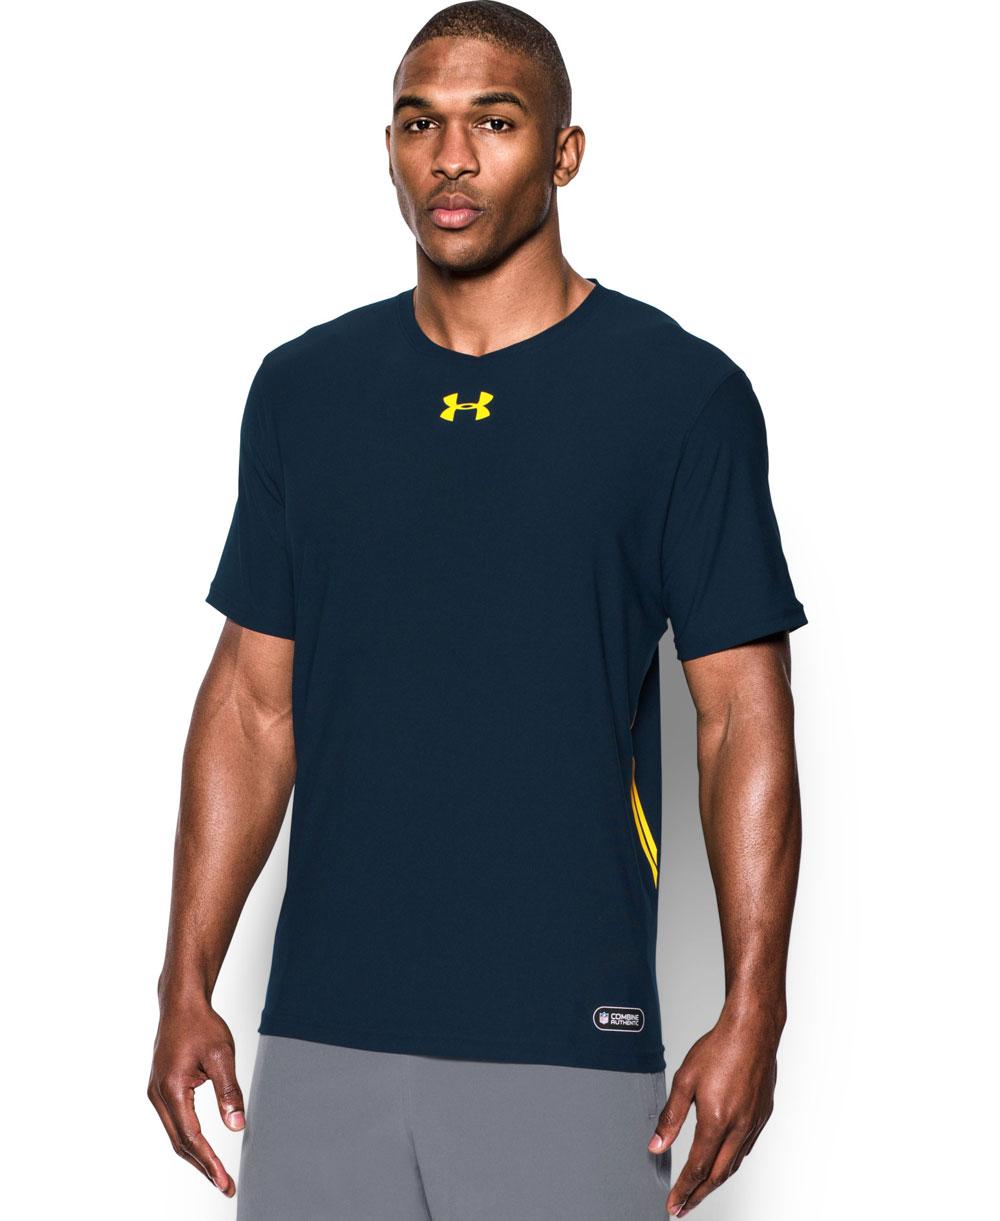 NFL Combine Authentic T-Shirt à Manches Courtes Homme Cadet